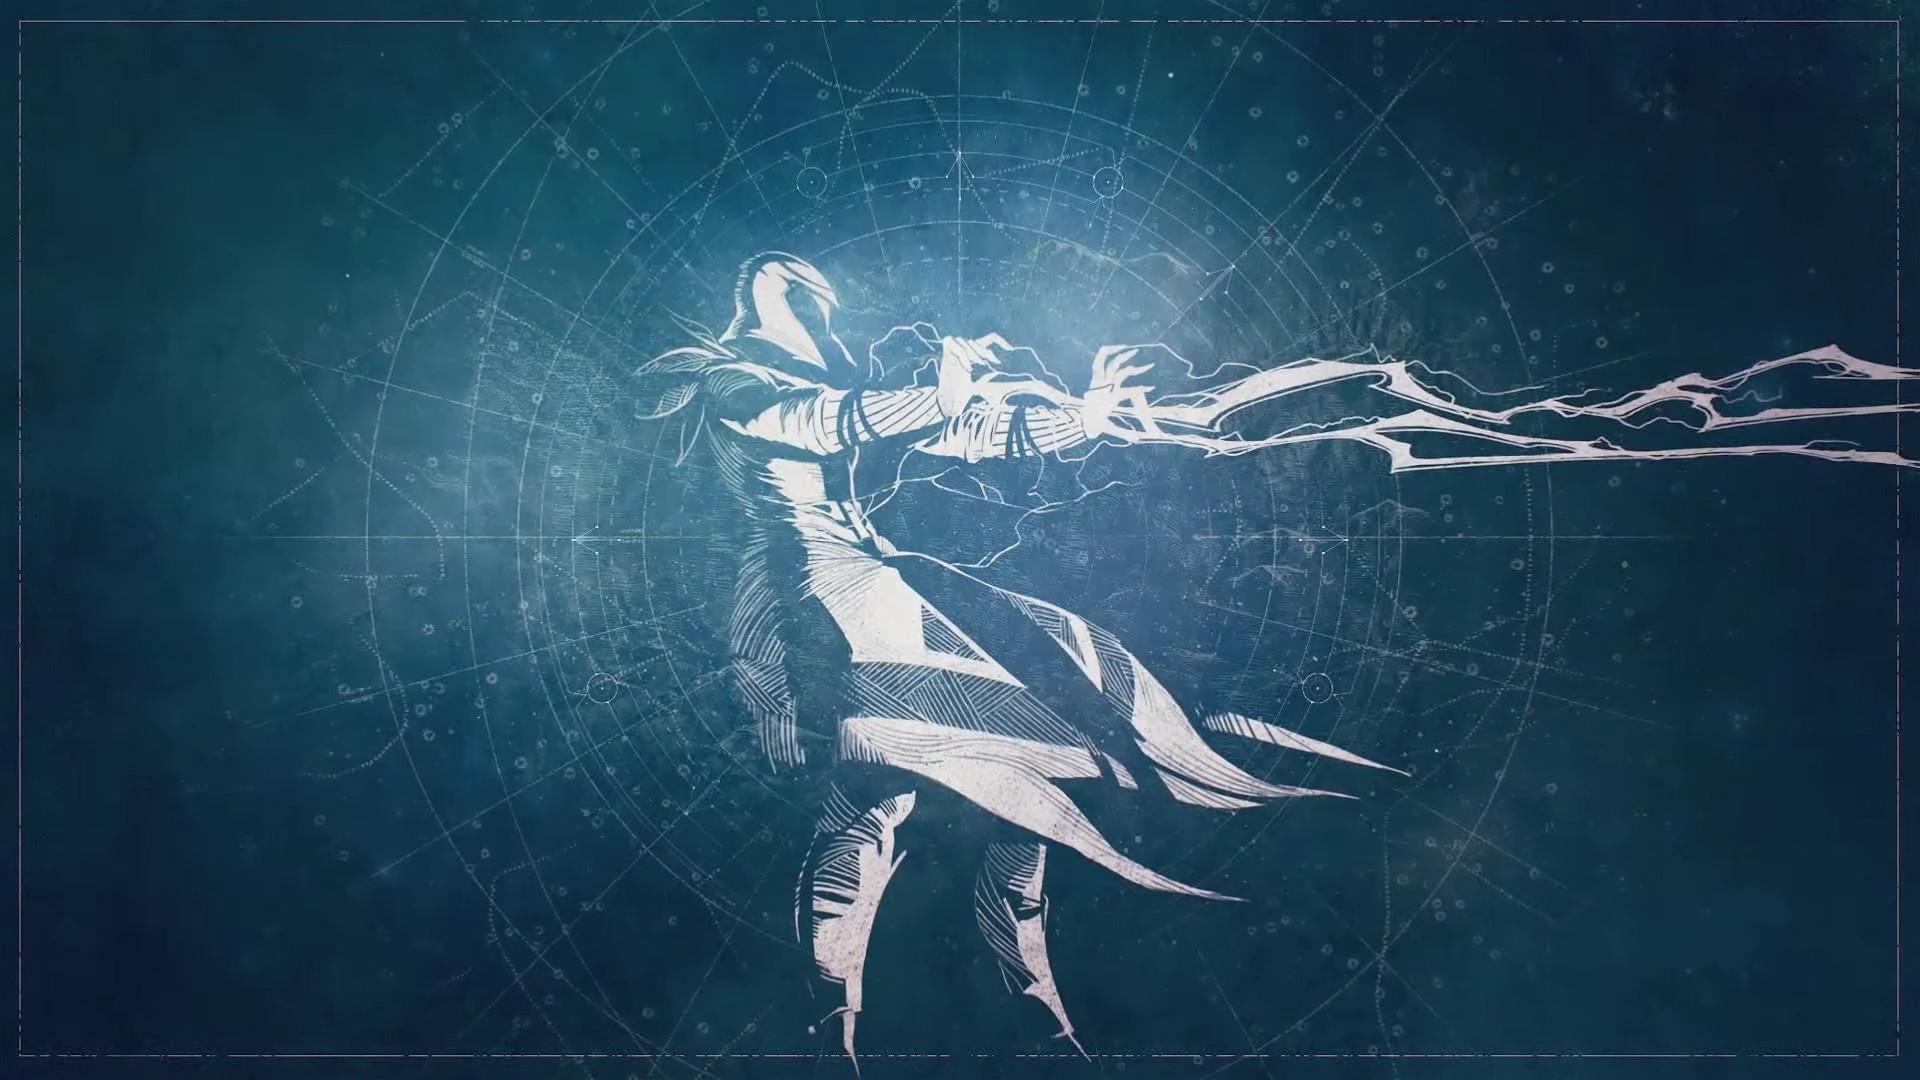 Destiny: The Taken King – Stormcaller Cutscene Artwork